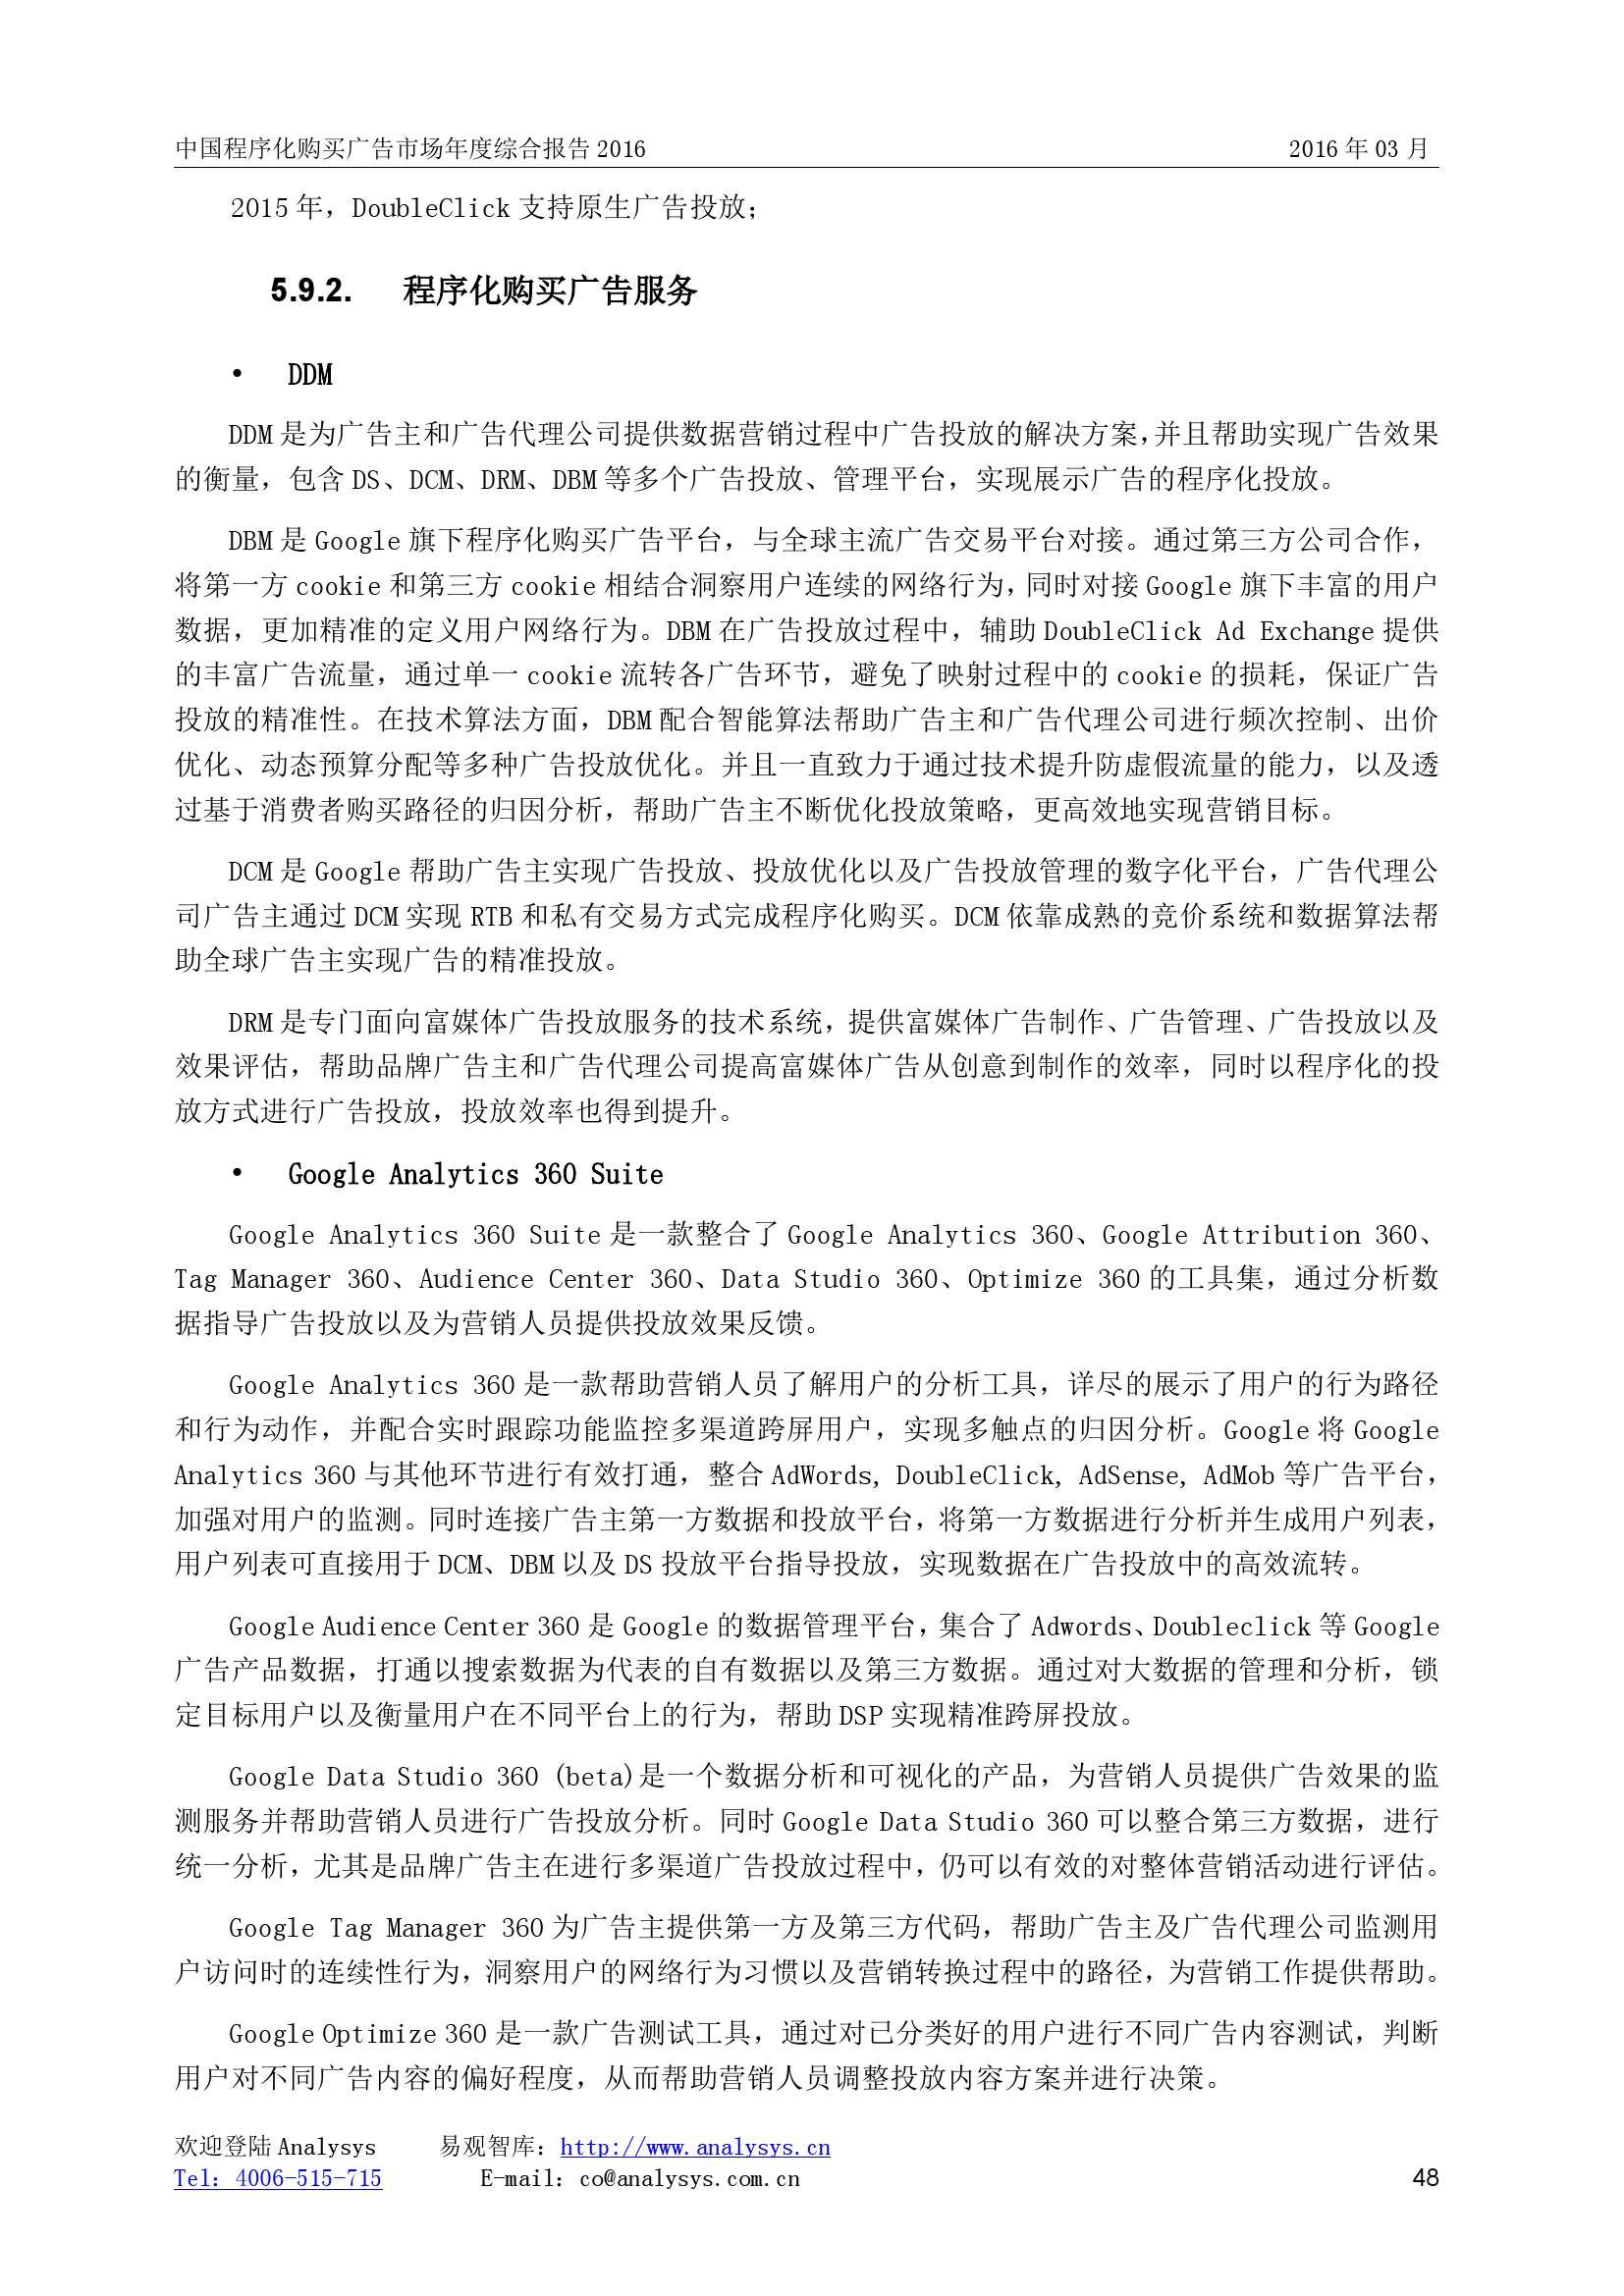 中国程序化购买广告市场年度综合报告2016_000048